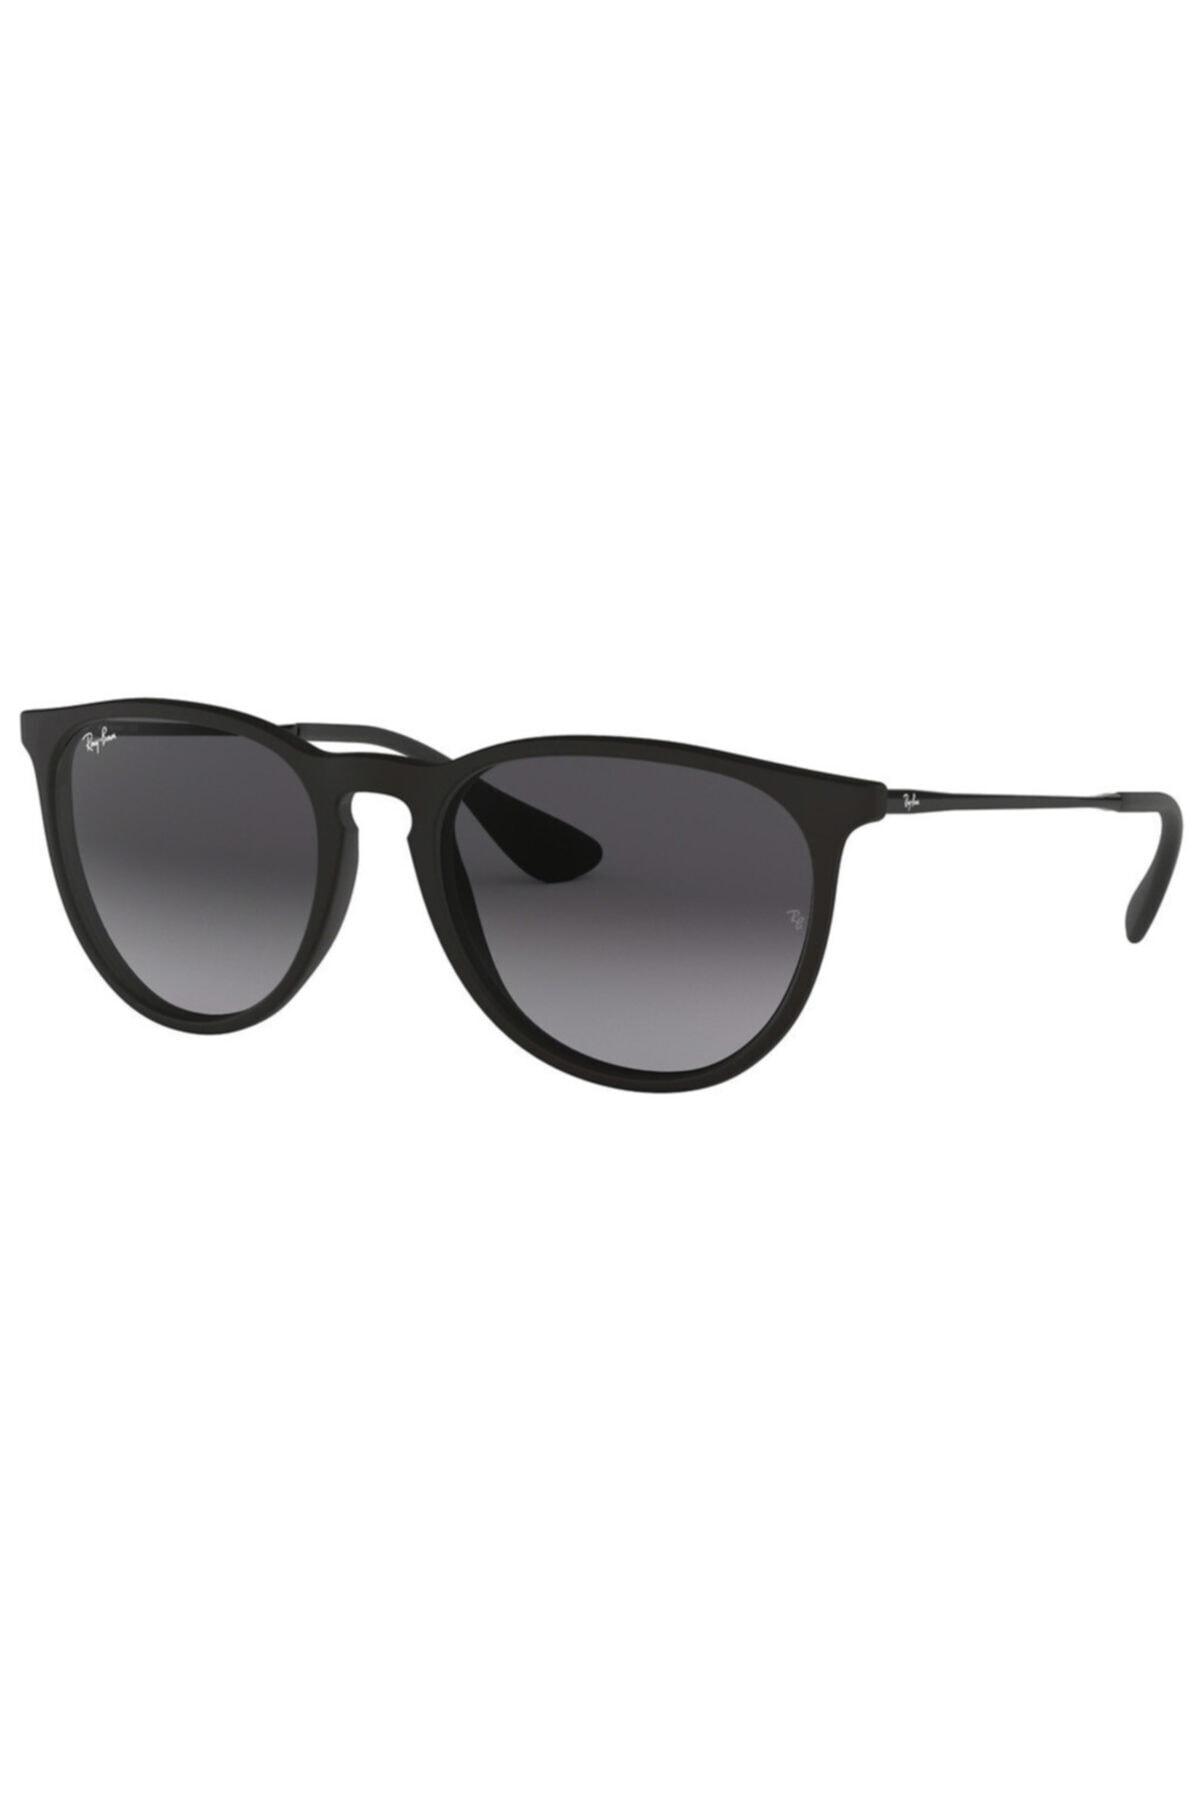 سفارش عینک آفتابی زنانه ارزان برند ری بن رنگ مشکی کد ty42748488